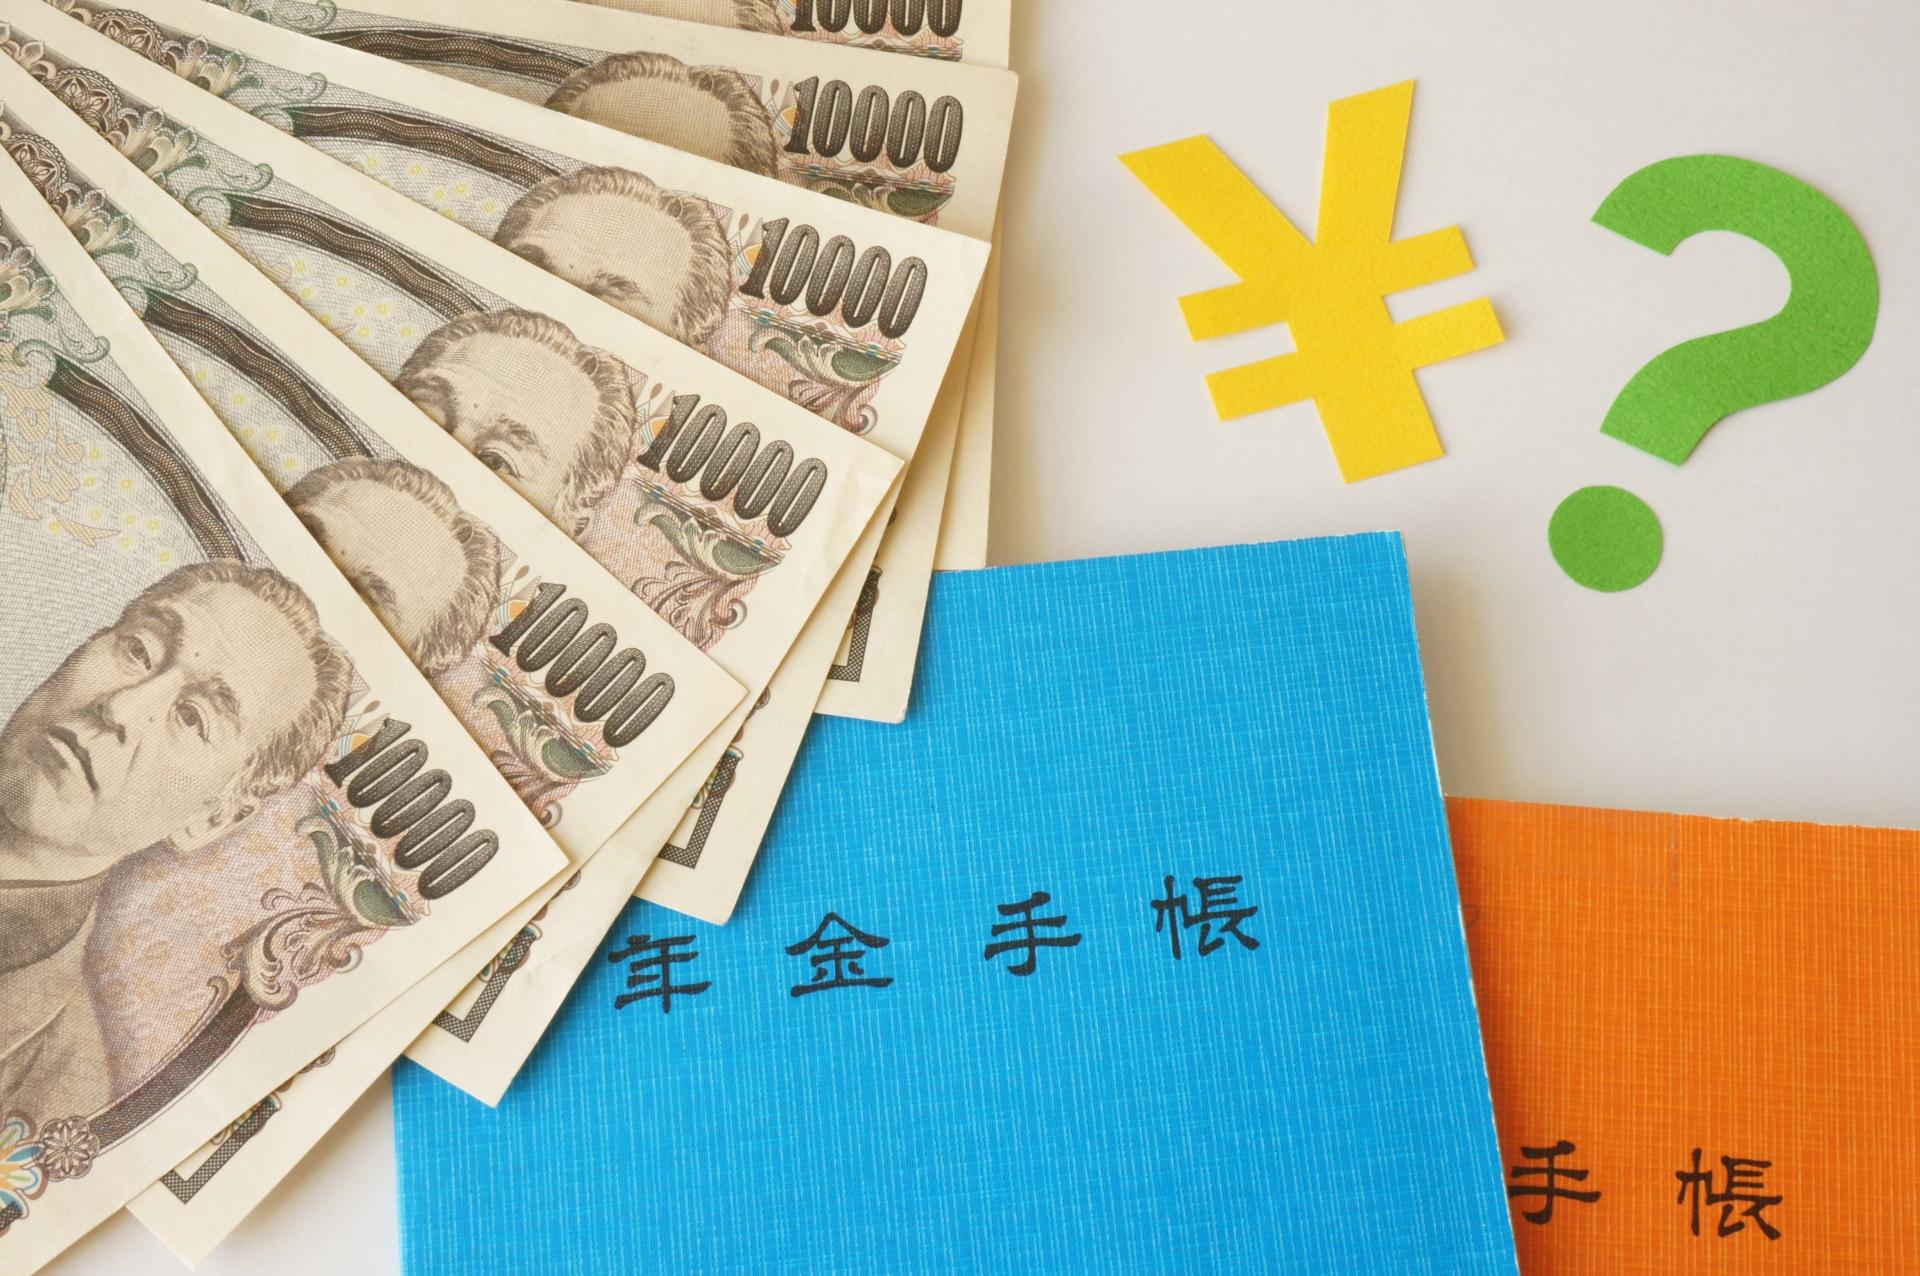 国民年金と厚生年金を切り替えるときの注意点。いつ何をしたらいい?